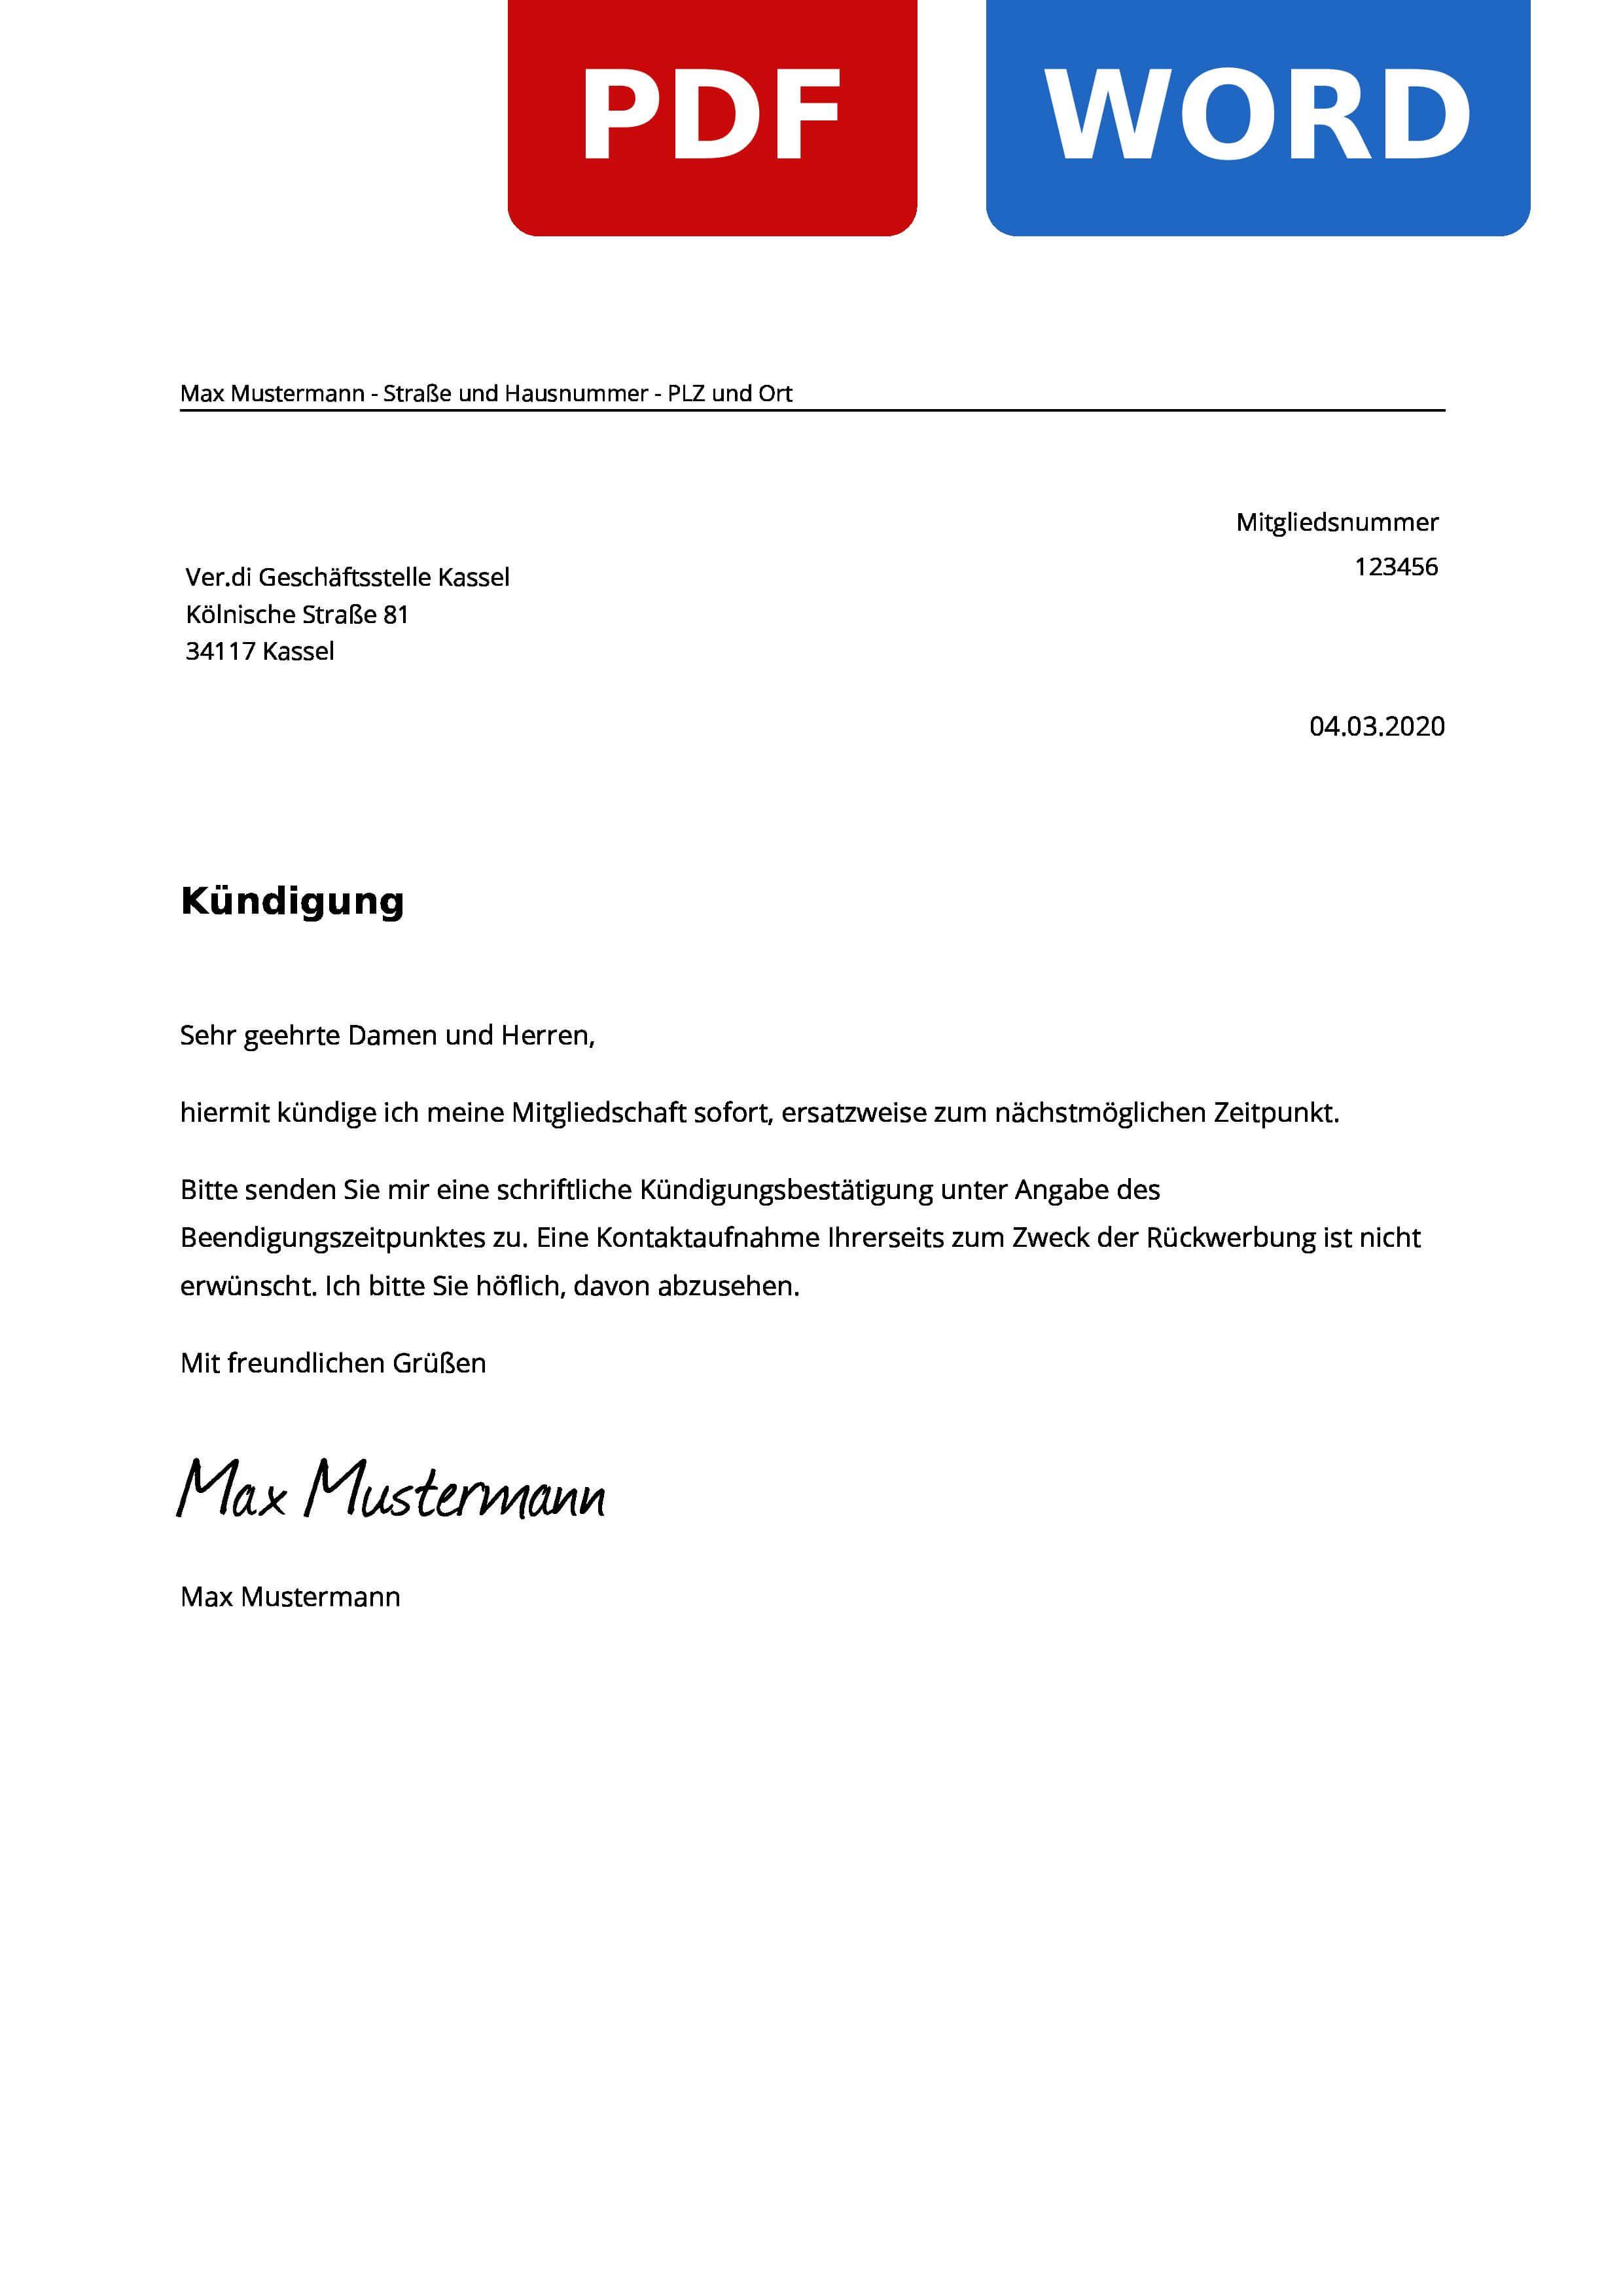 Verdi Kassel Kundigen Muster Vorlage Zur Kundigung